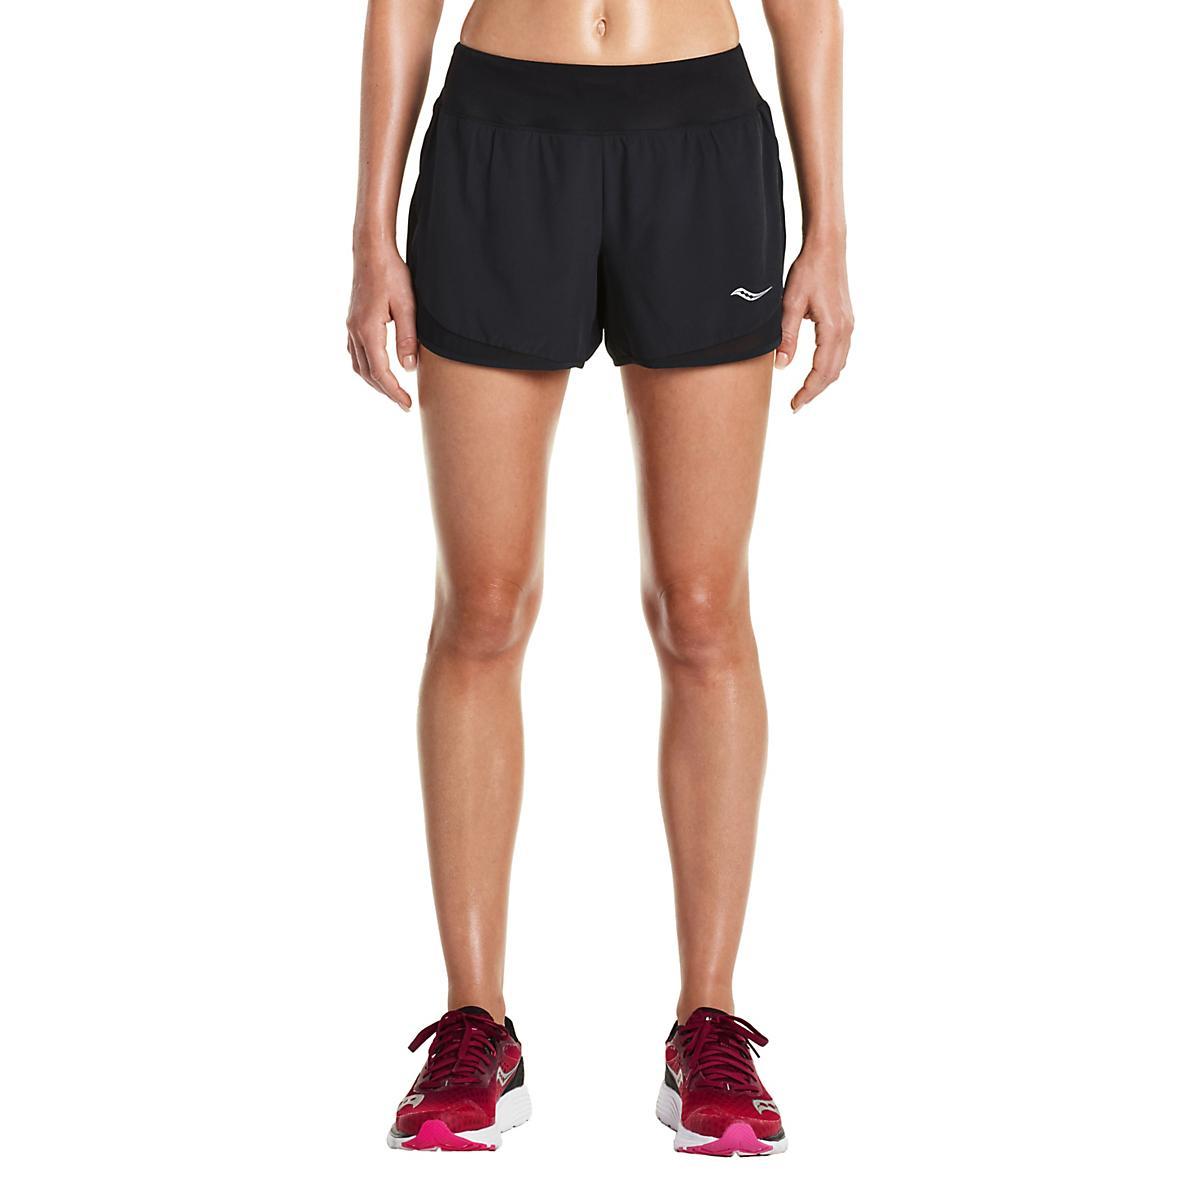 Women's Saucony�Impulse Short